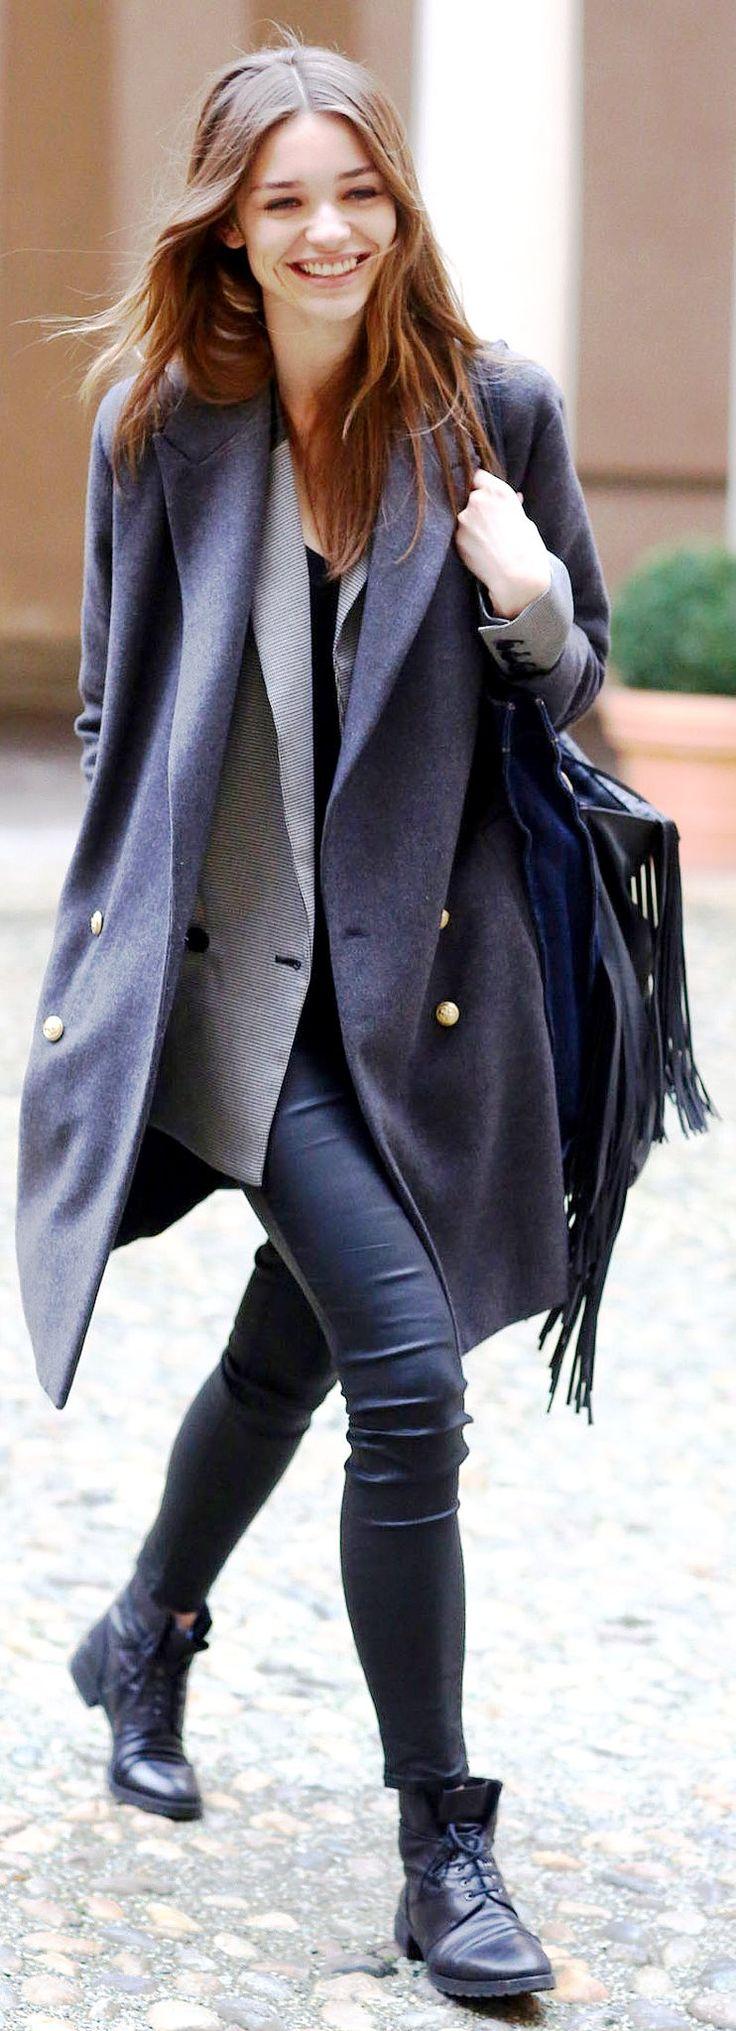 Americana + abrigo. No pases frío con los abrigos más finitos